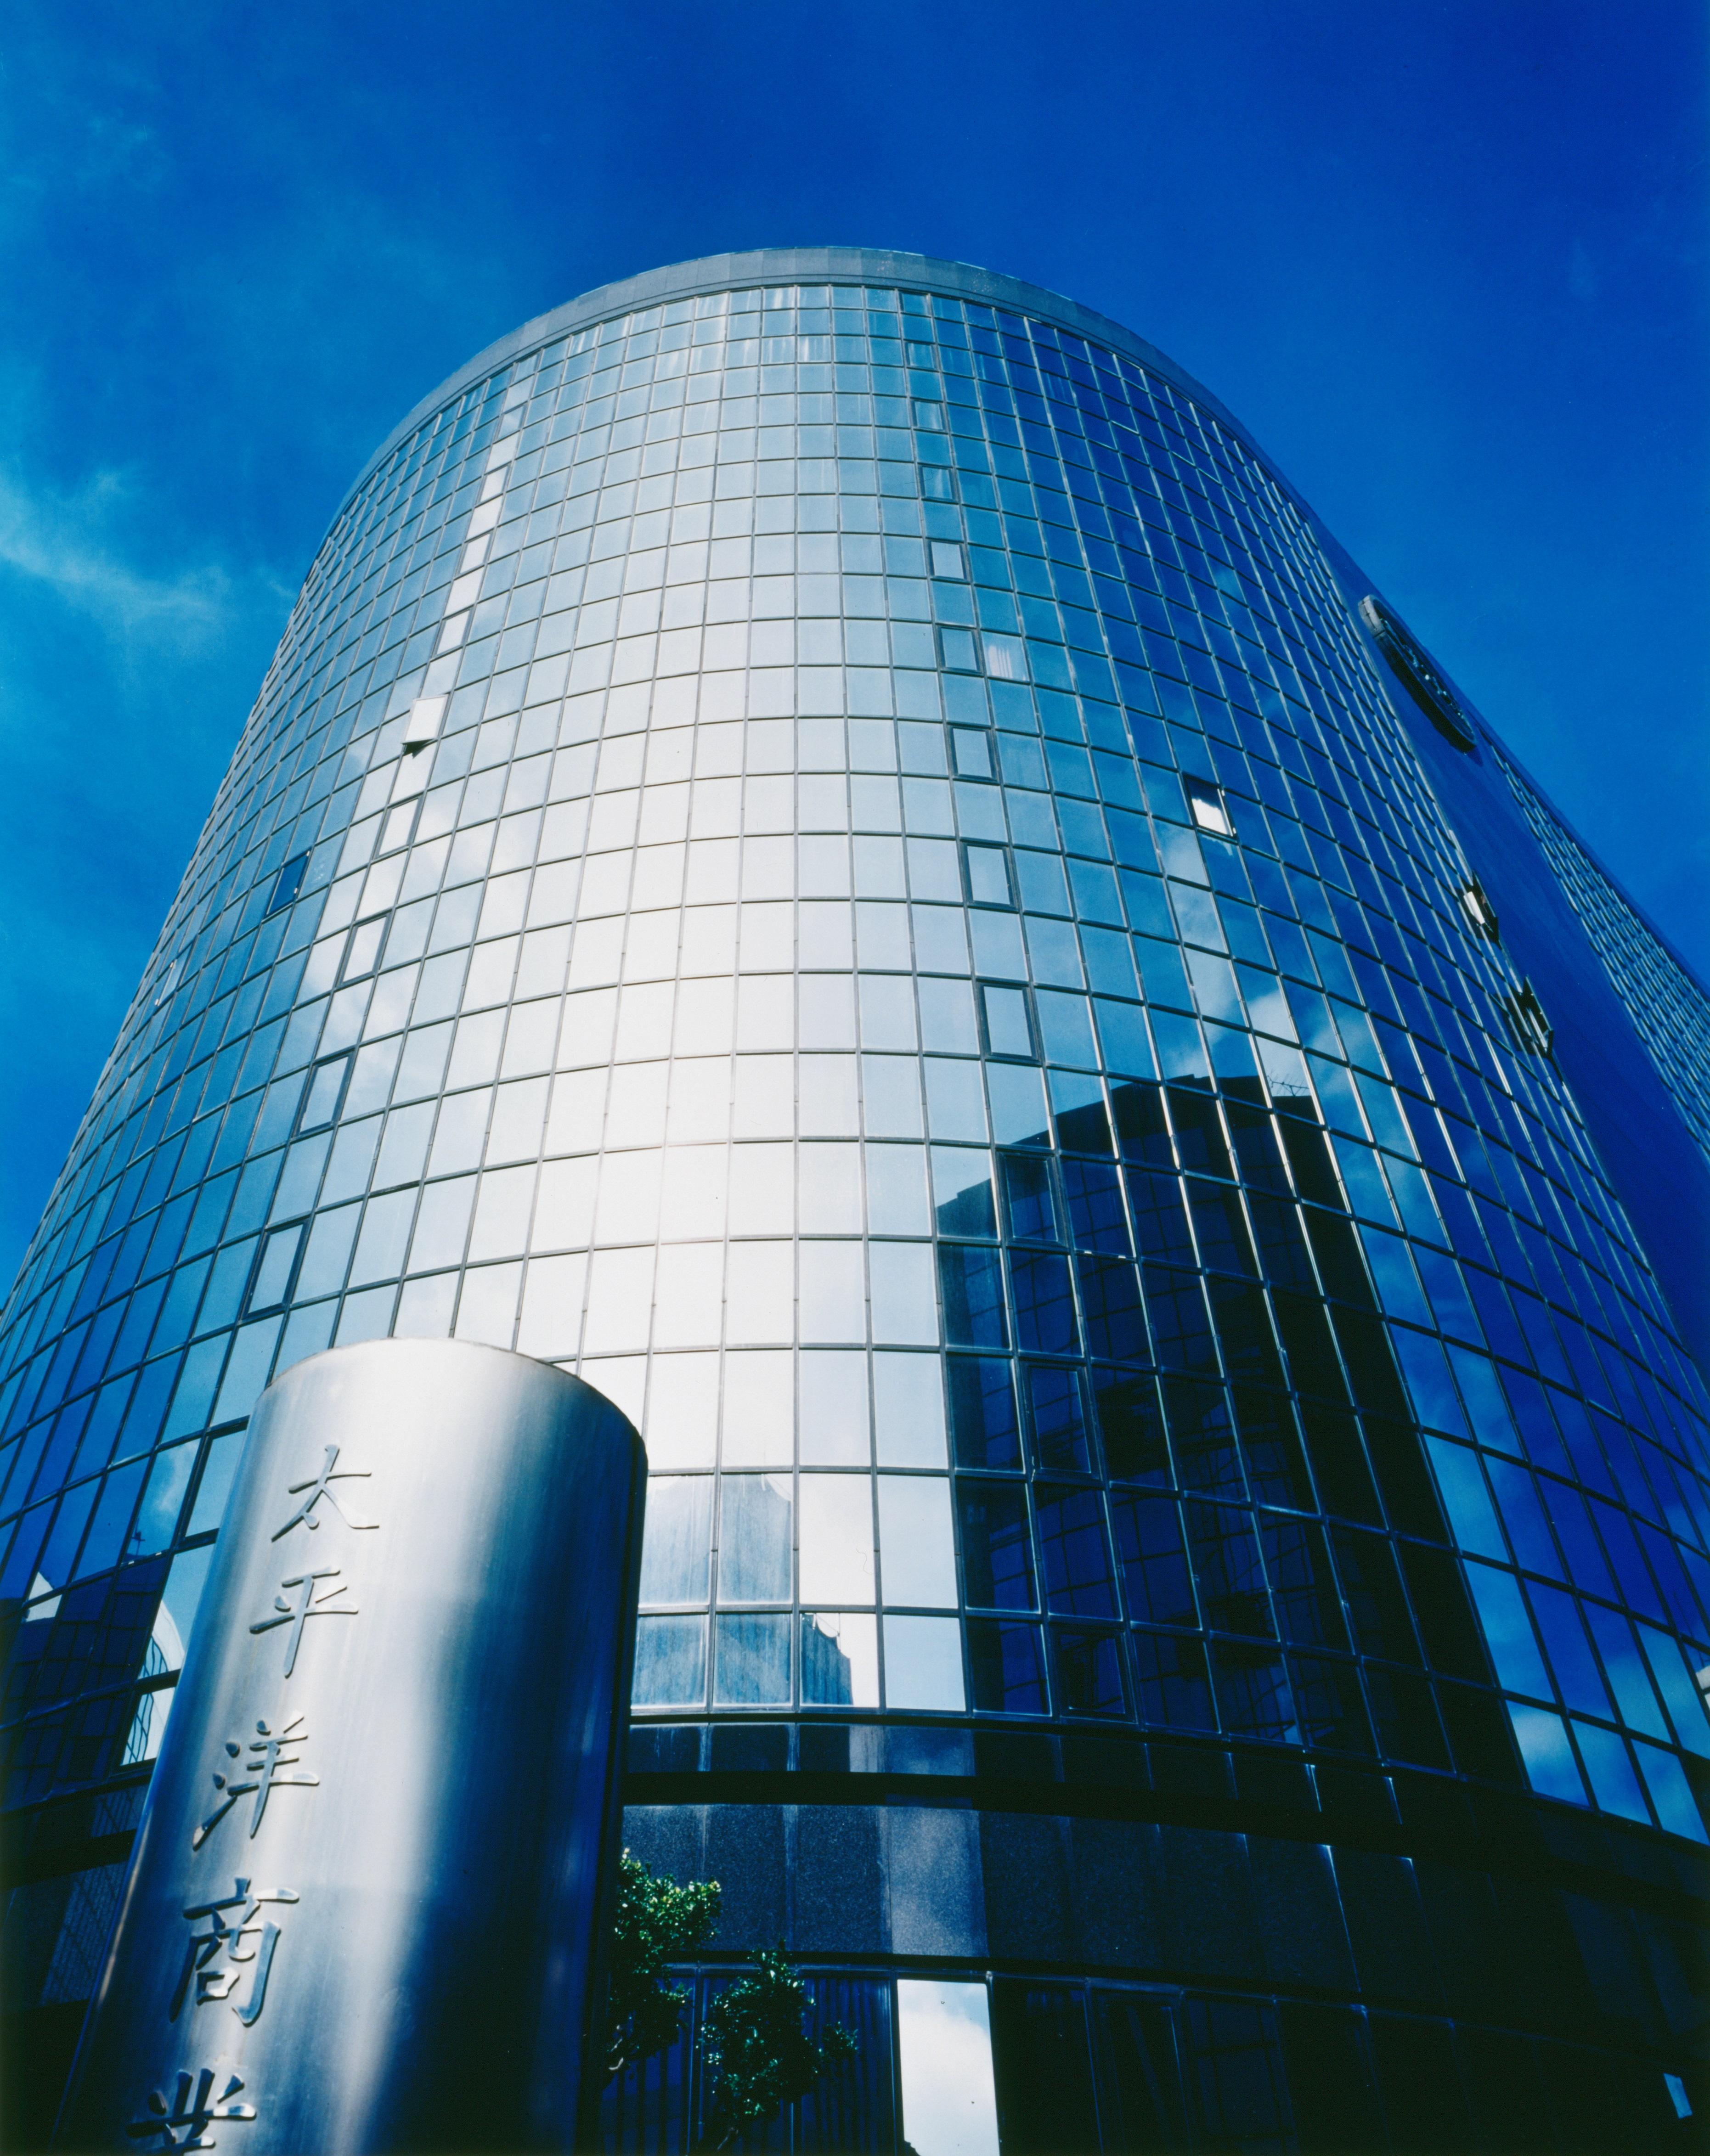 太平洋商業大樓